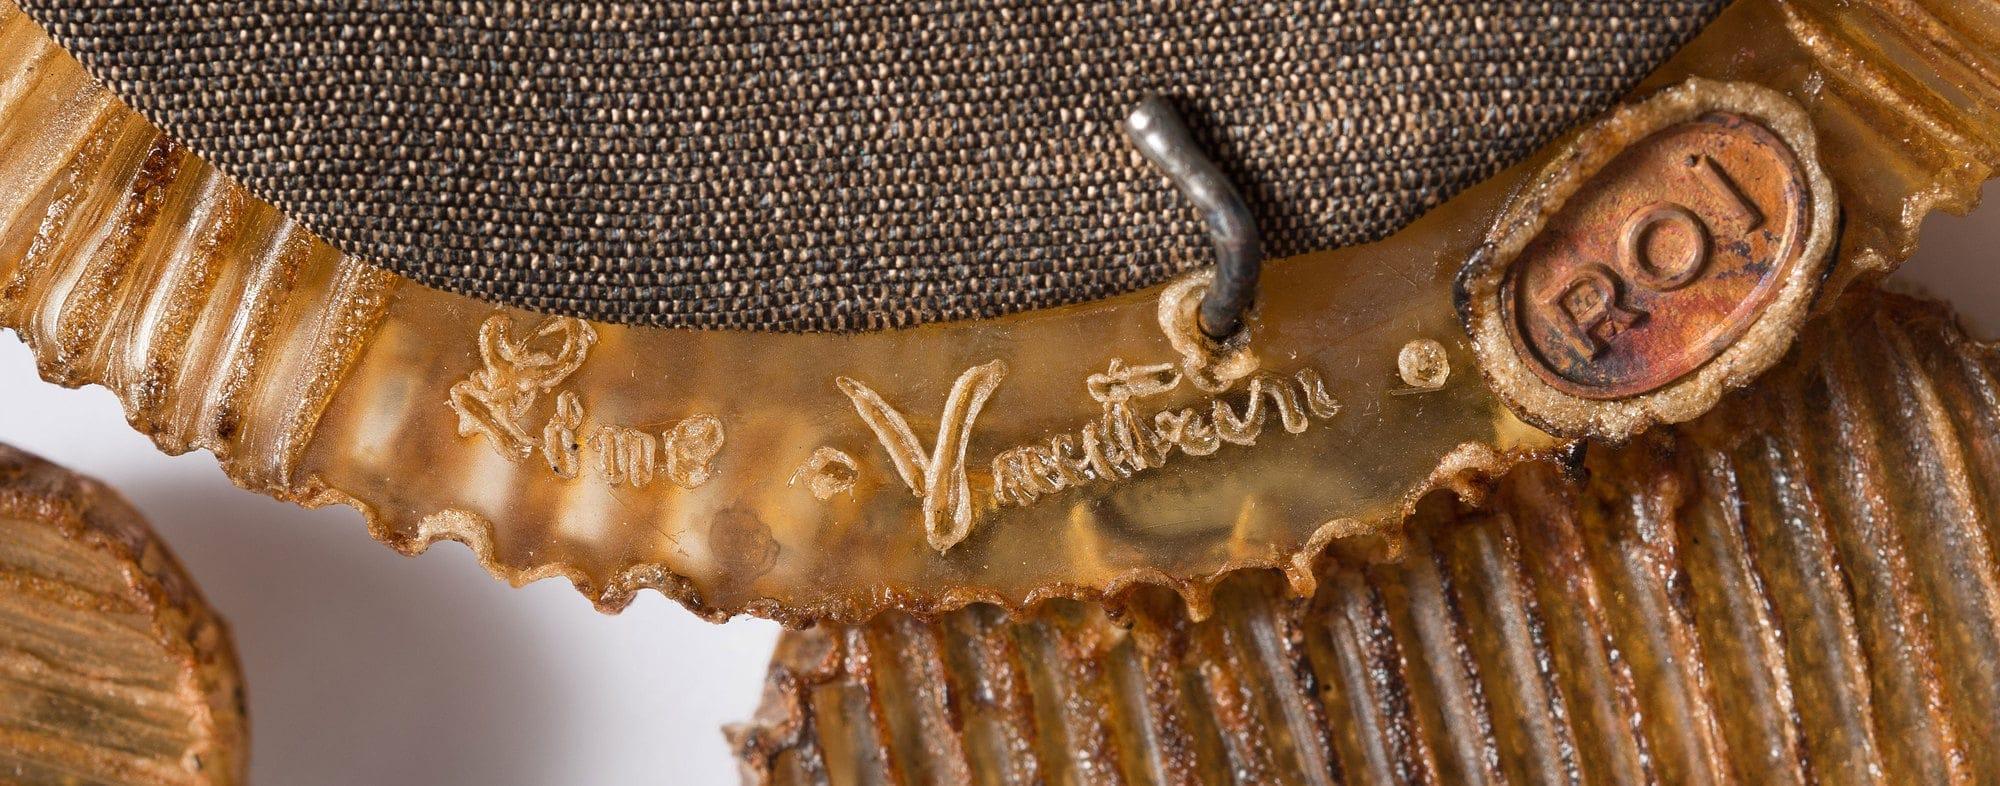 Line Vautrin, Rare paire de miroirs (vendue), vue 04